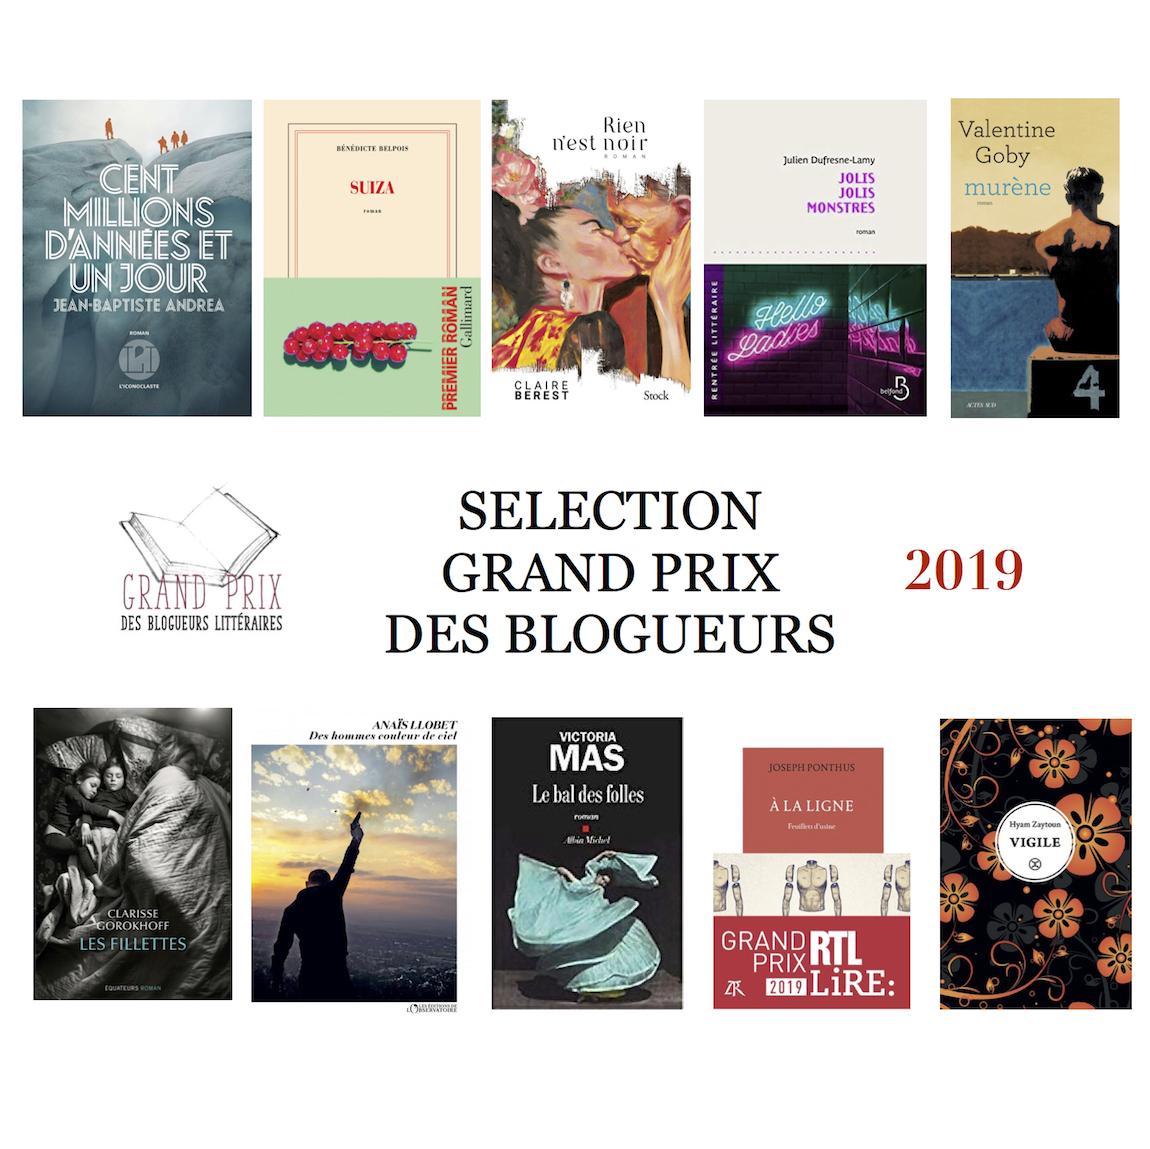 Le Second Tour du Grand Prix des Blogueurs Littéraires 2019!